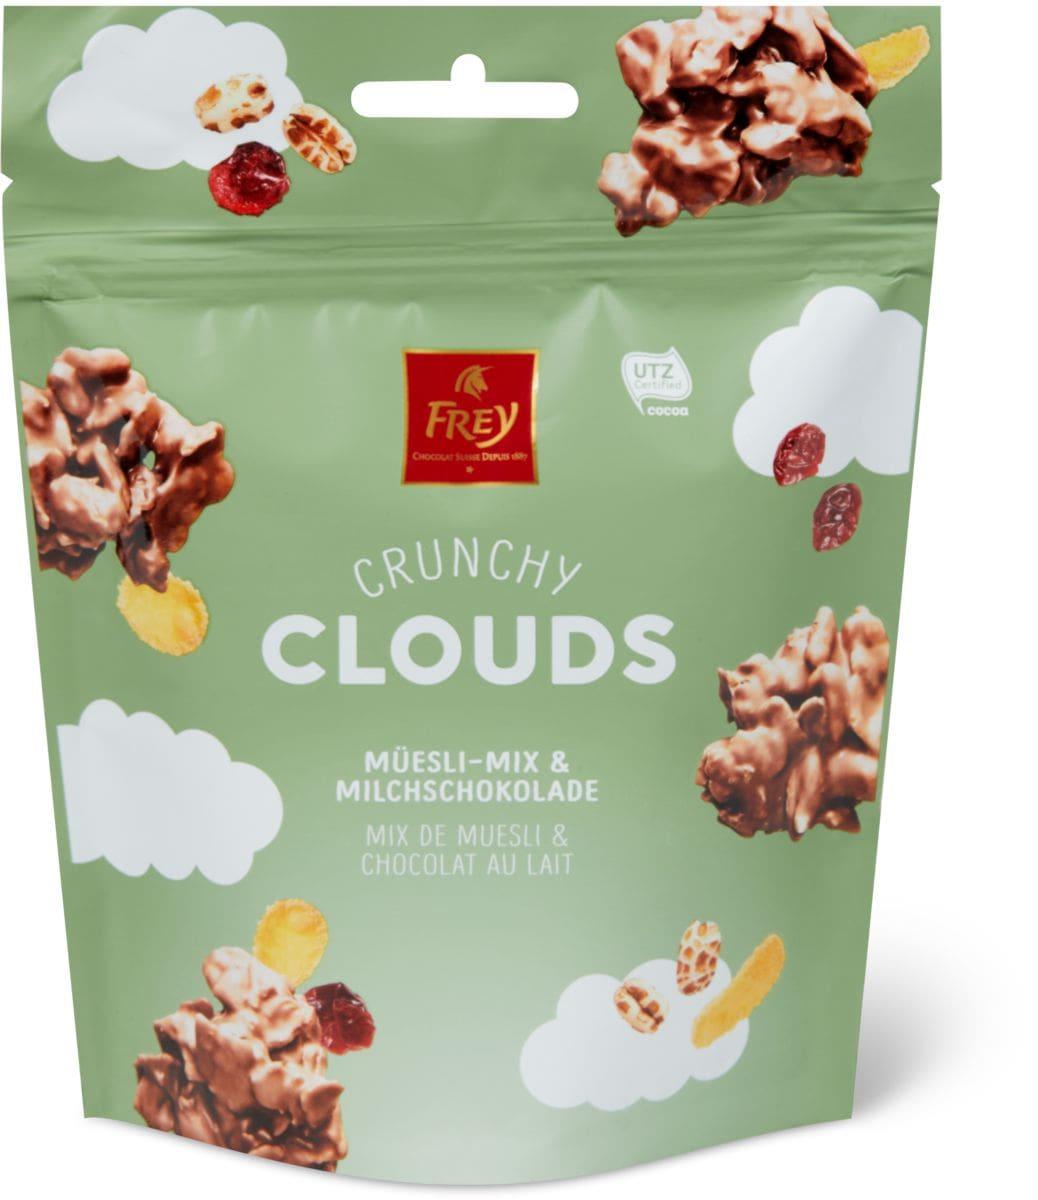 Crunchy Clouds Müesli-Mix&Milchsch.